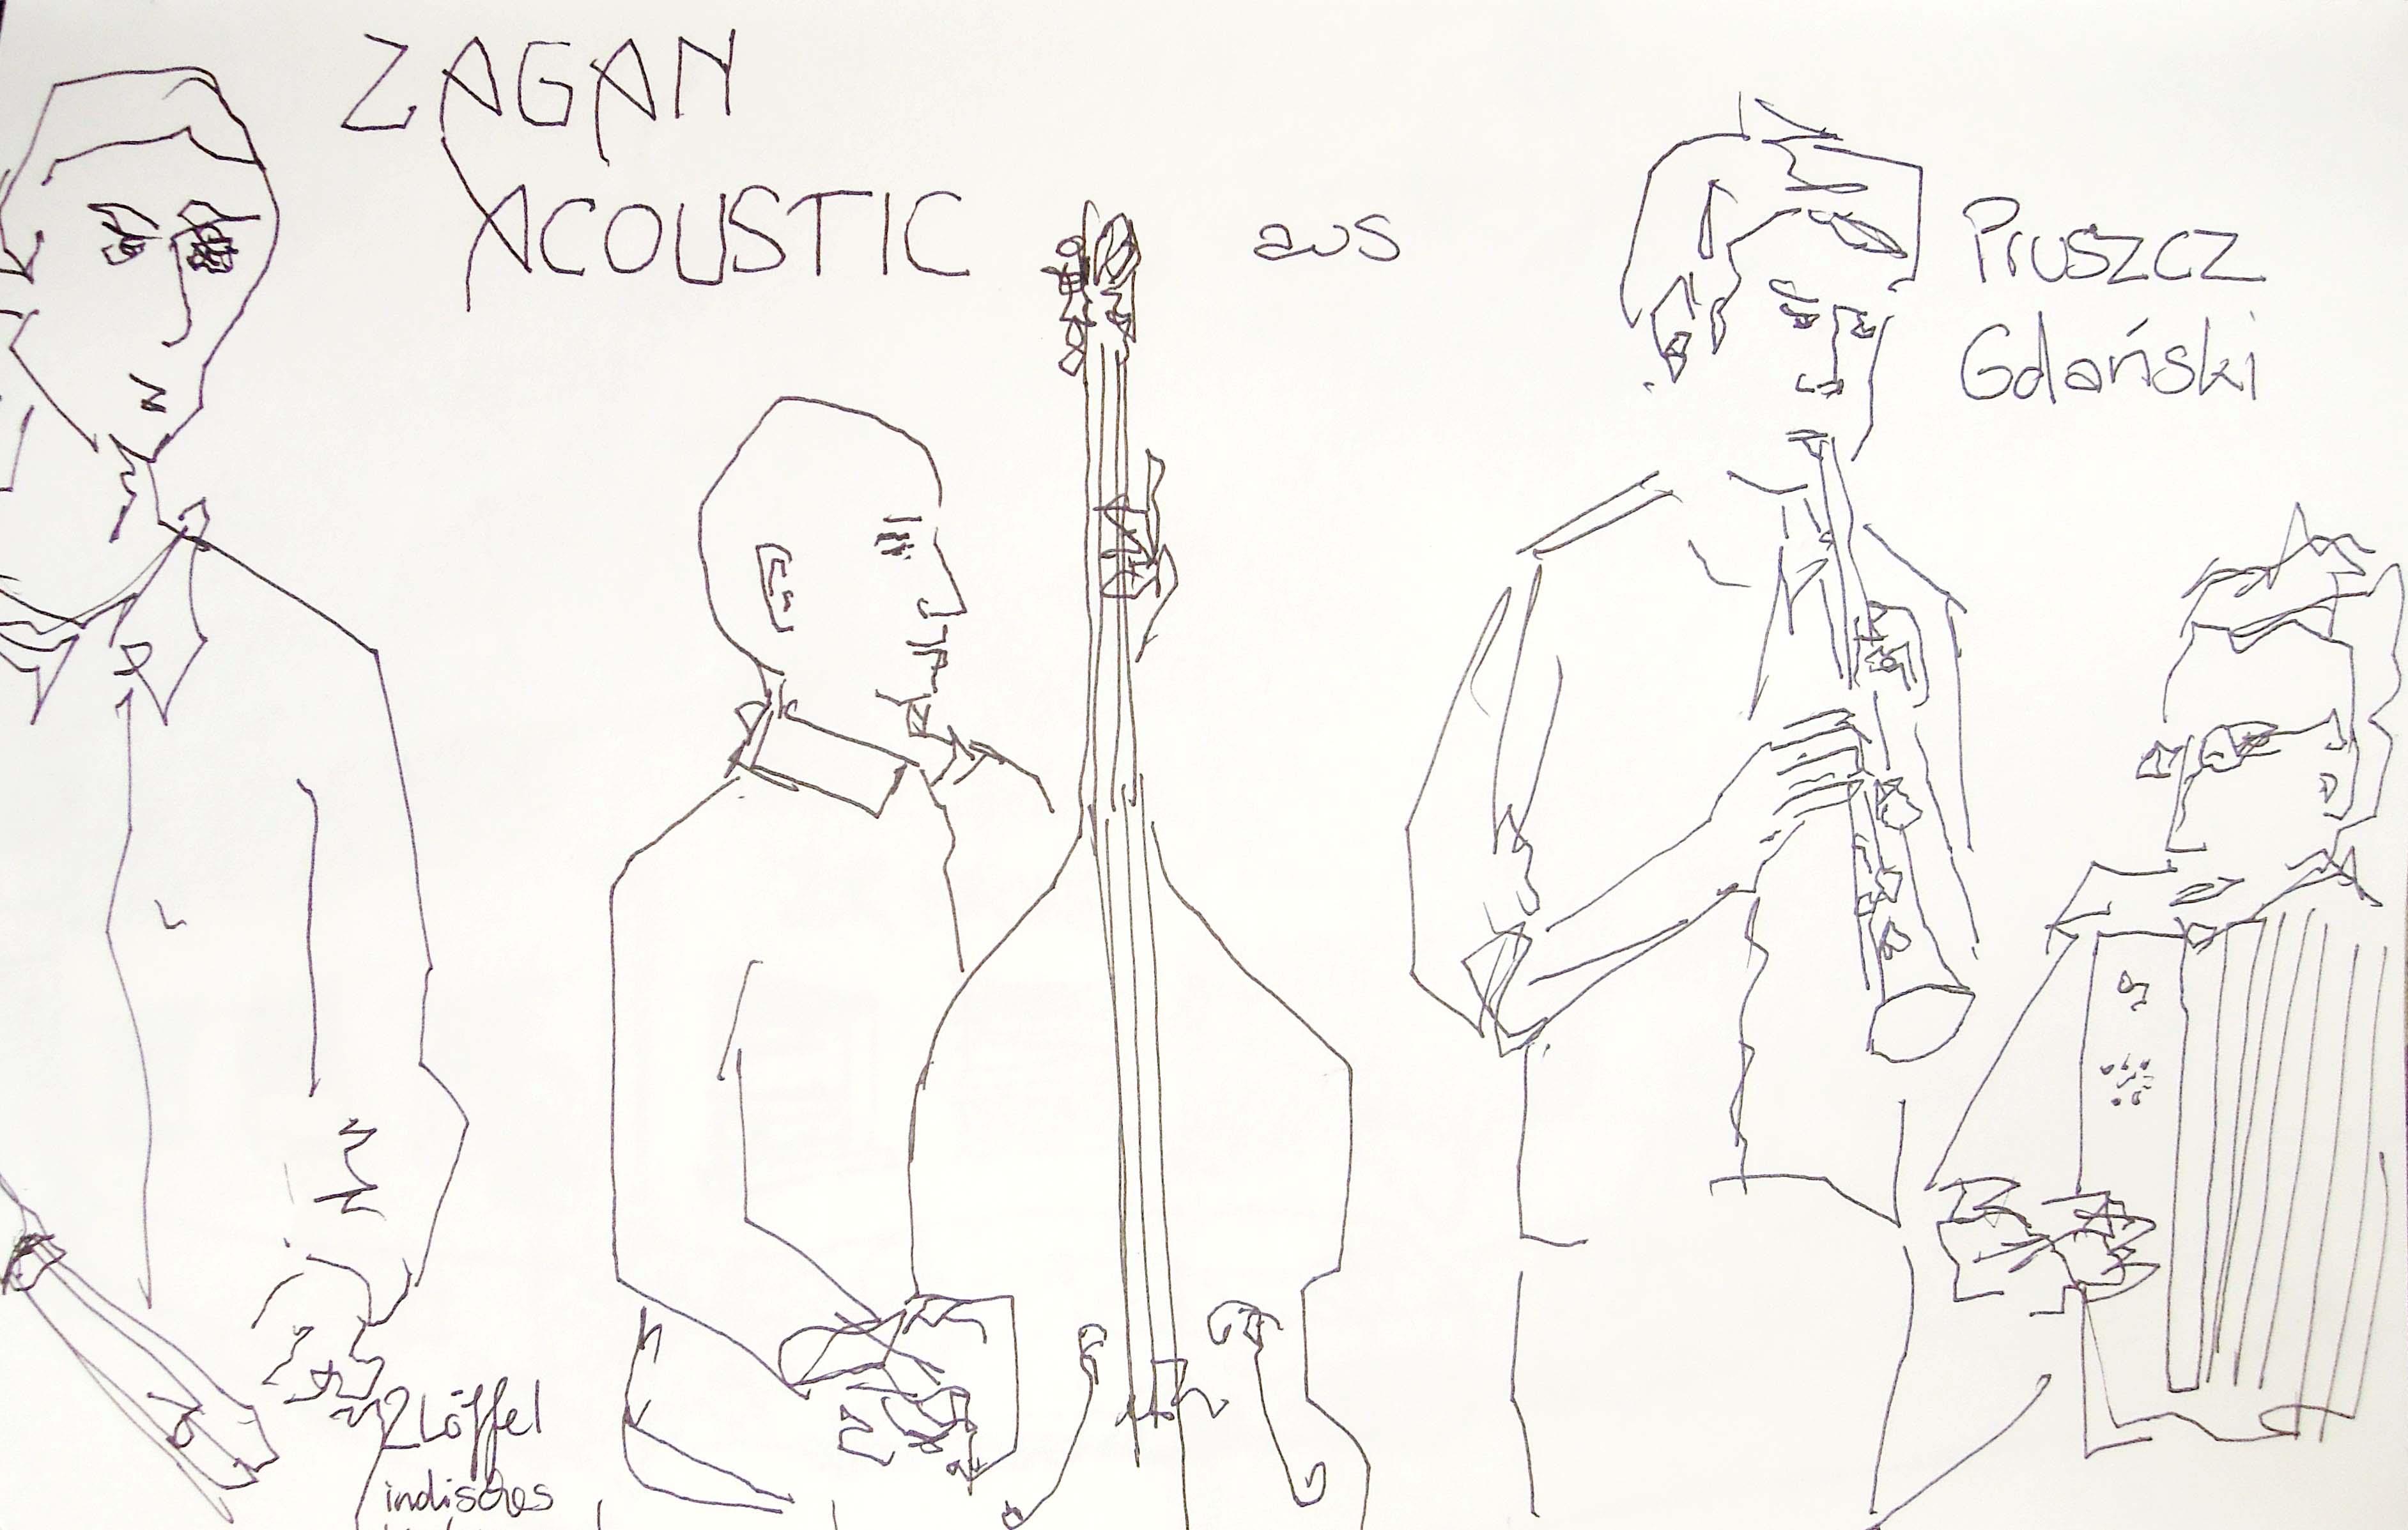 zagan acoustic2